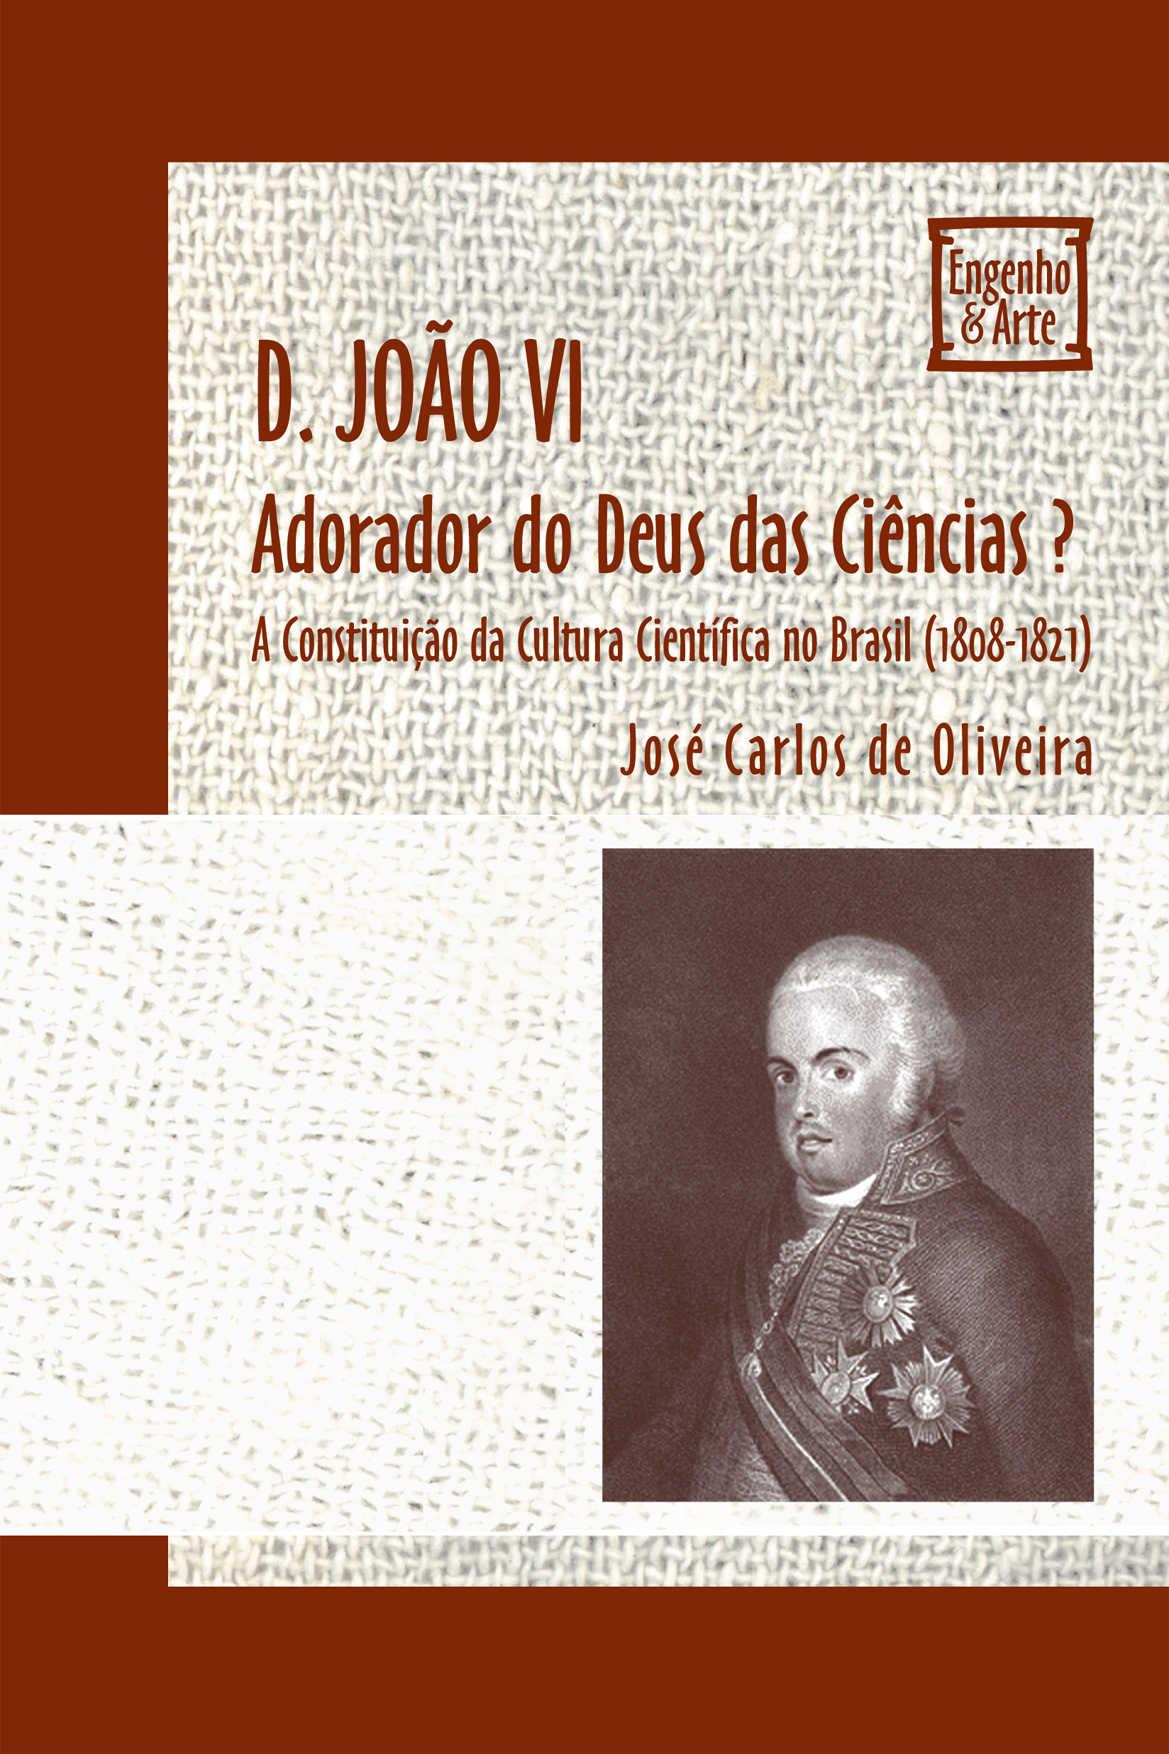 D. João VI - Adorador do Deus das Ciências?: A Constituição da Cultura Científica no Brasil (1808-1821)